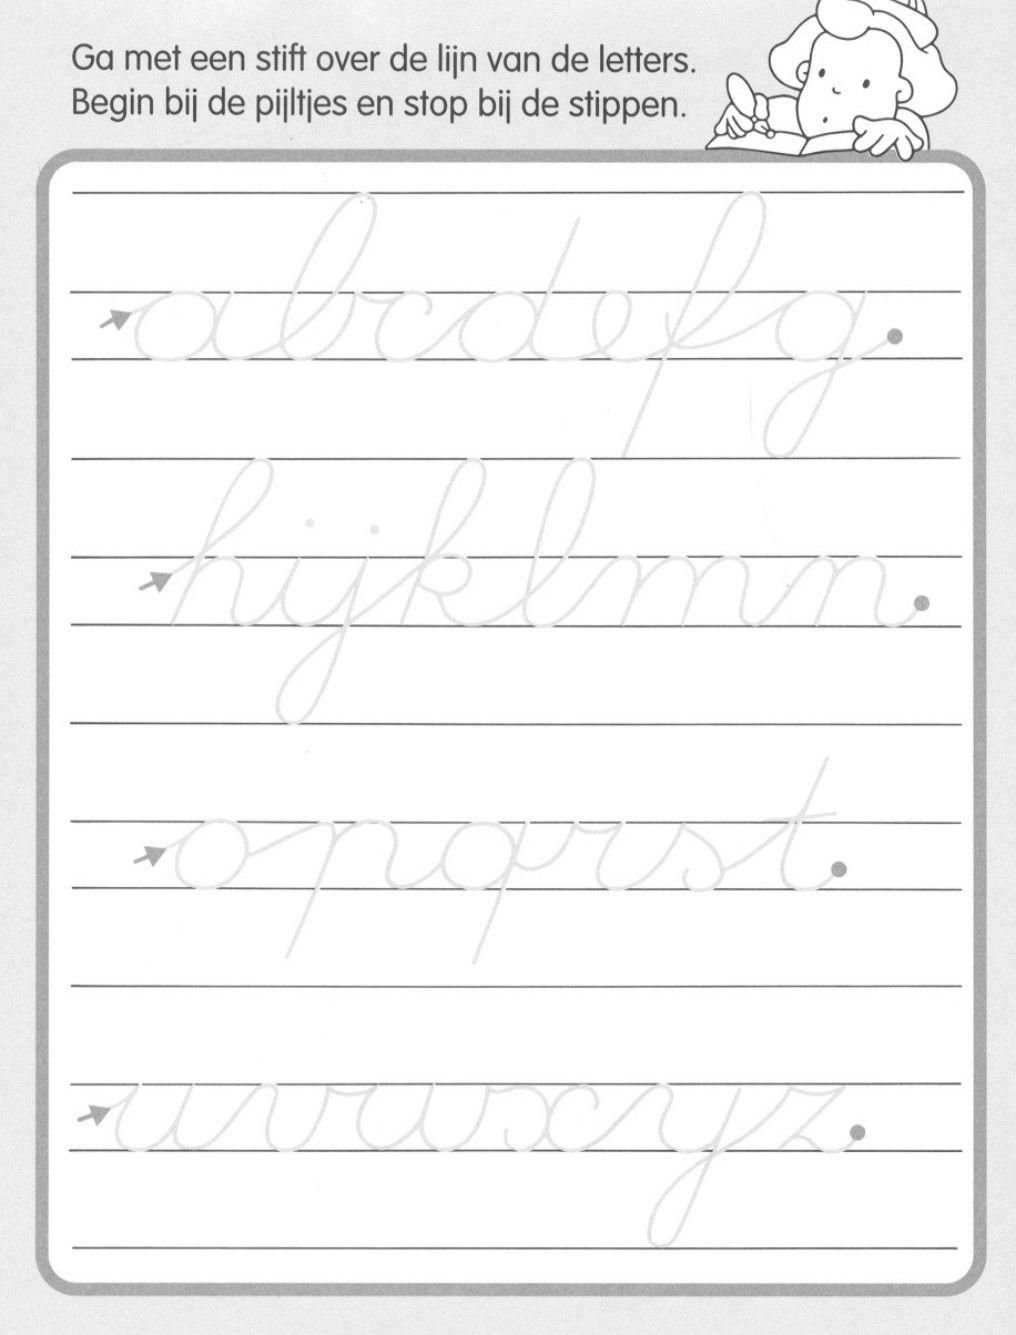 vsletters.jpg 1.016×1.335 pixels Brief, Taal, Schrijven